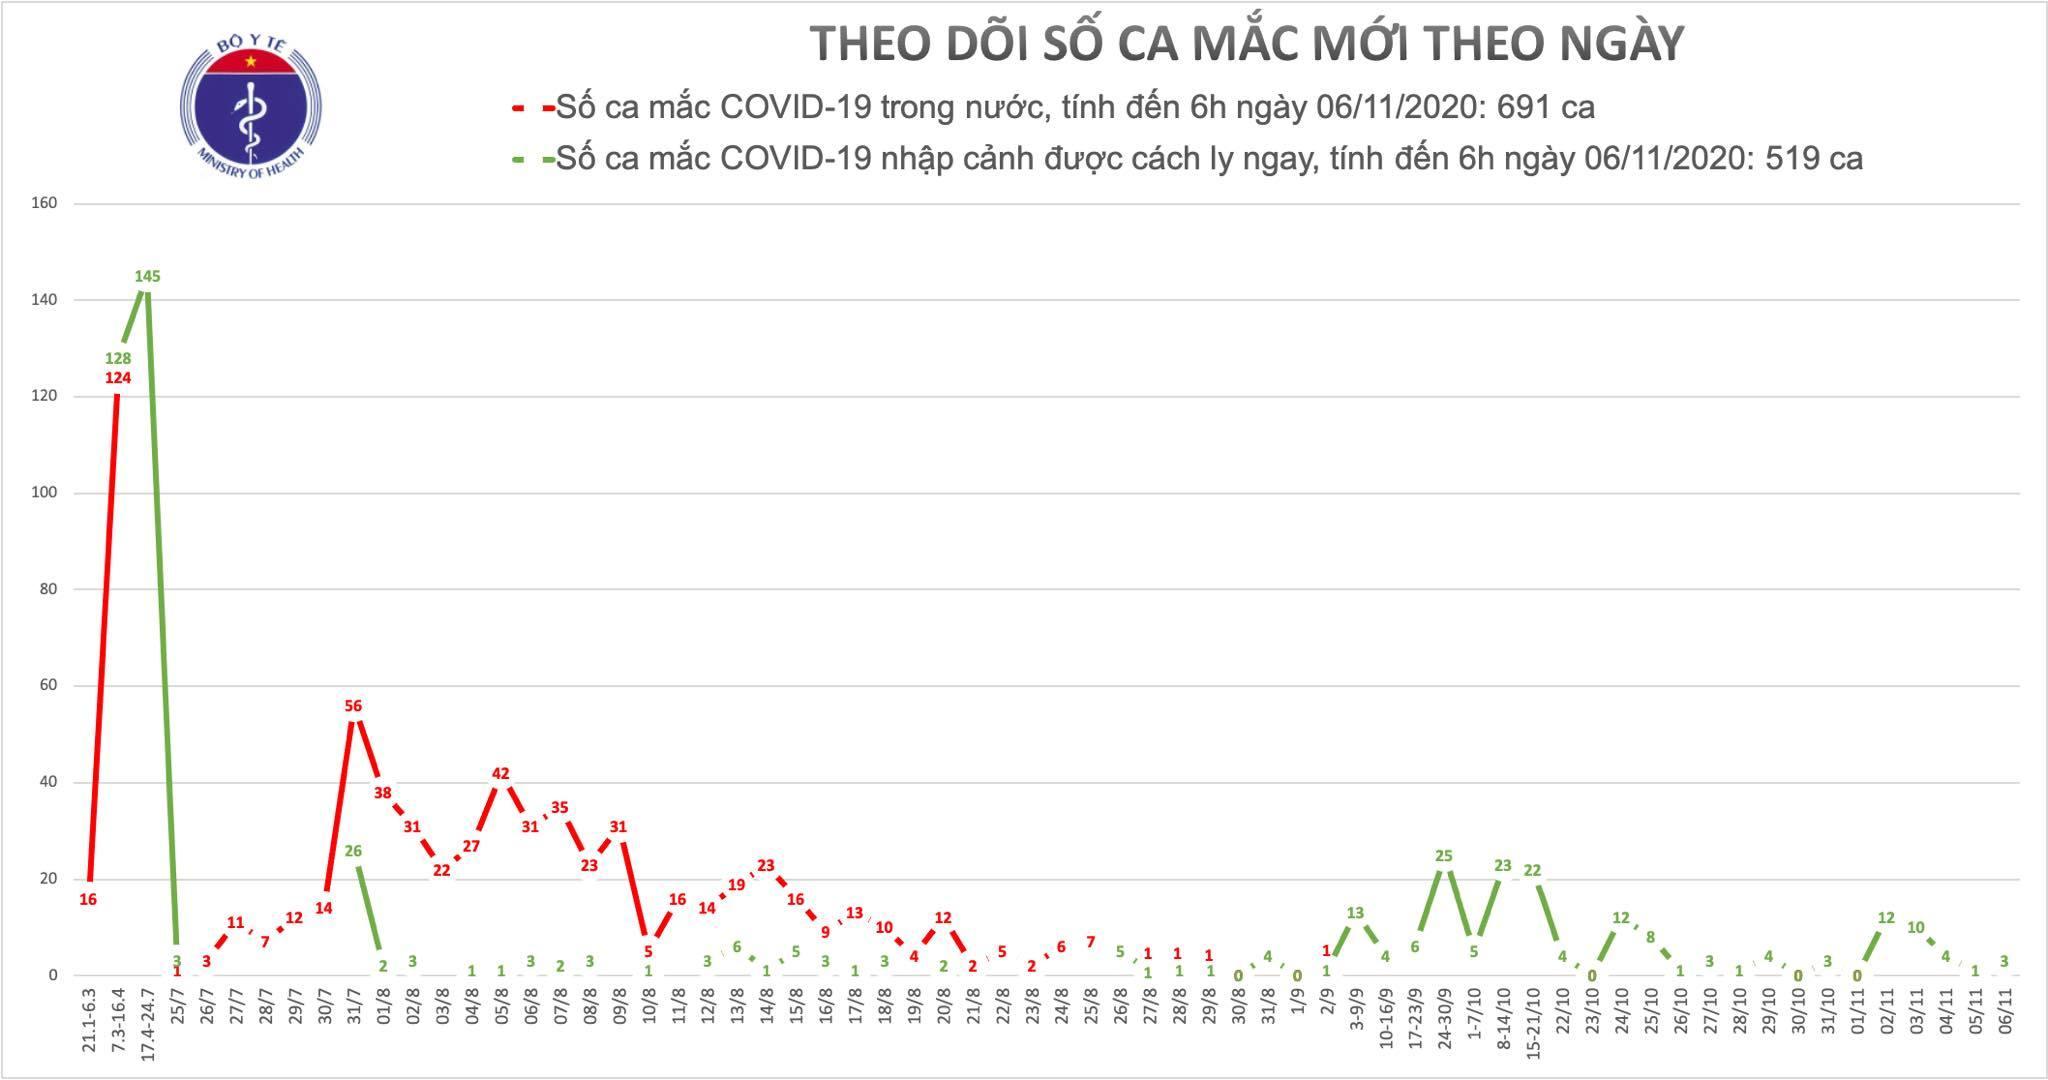 Thêm 3 ca Covid-19, cả nước có 1210 người mắc